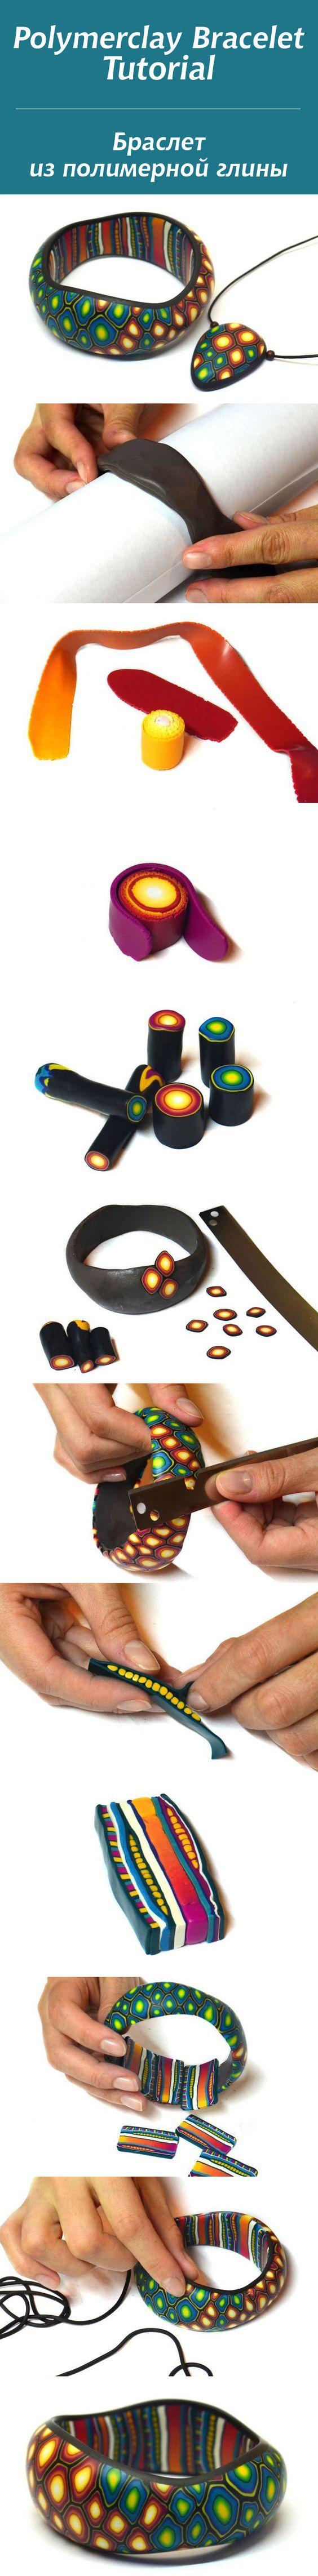 как сделать браслет из пластики